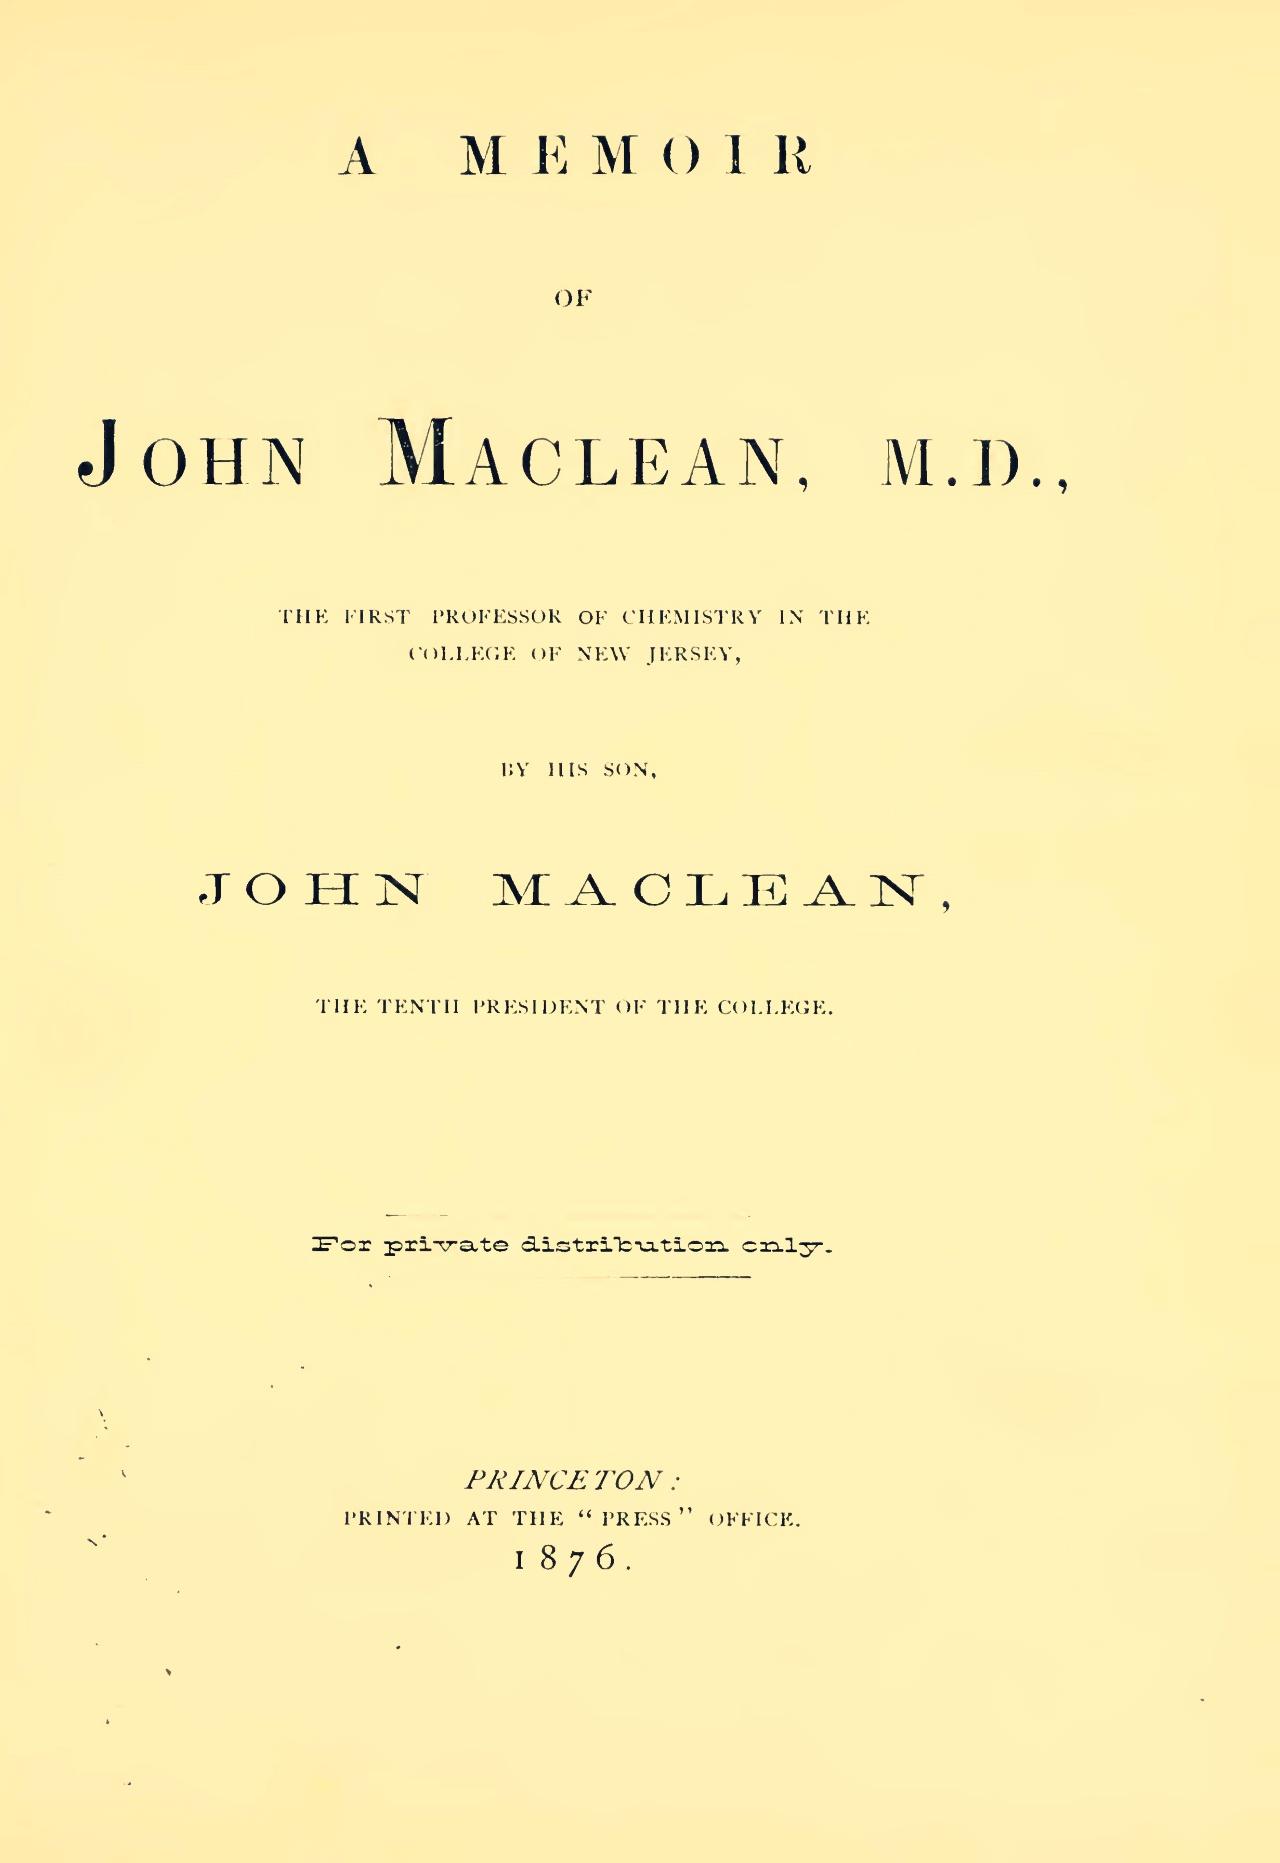 Maclean, John, Jr., A Memoir of John Maclean, M.D. Title Page.jpg